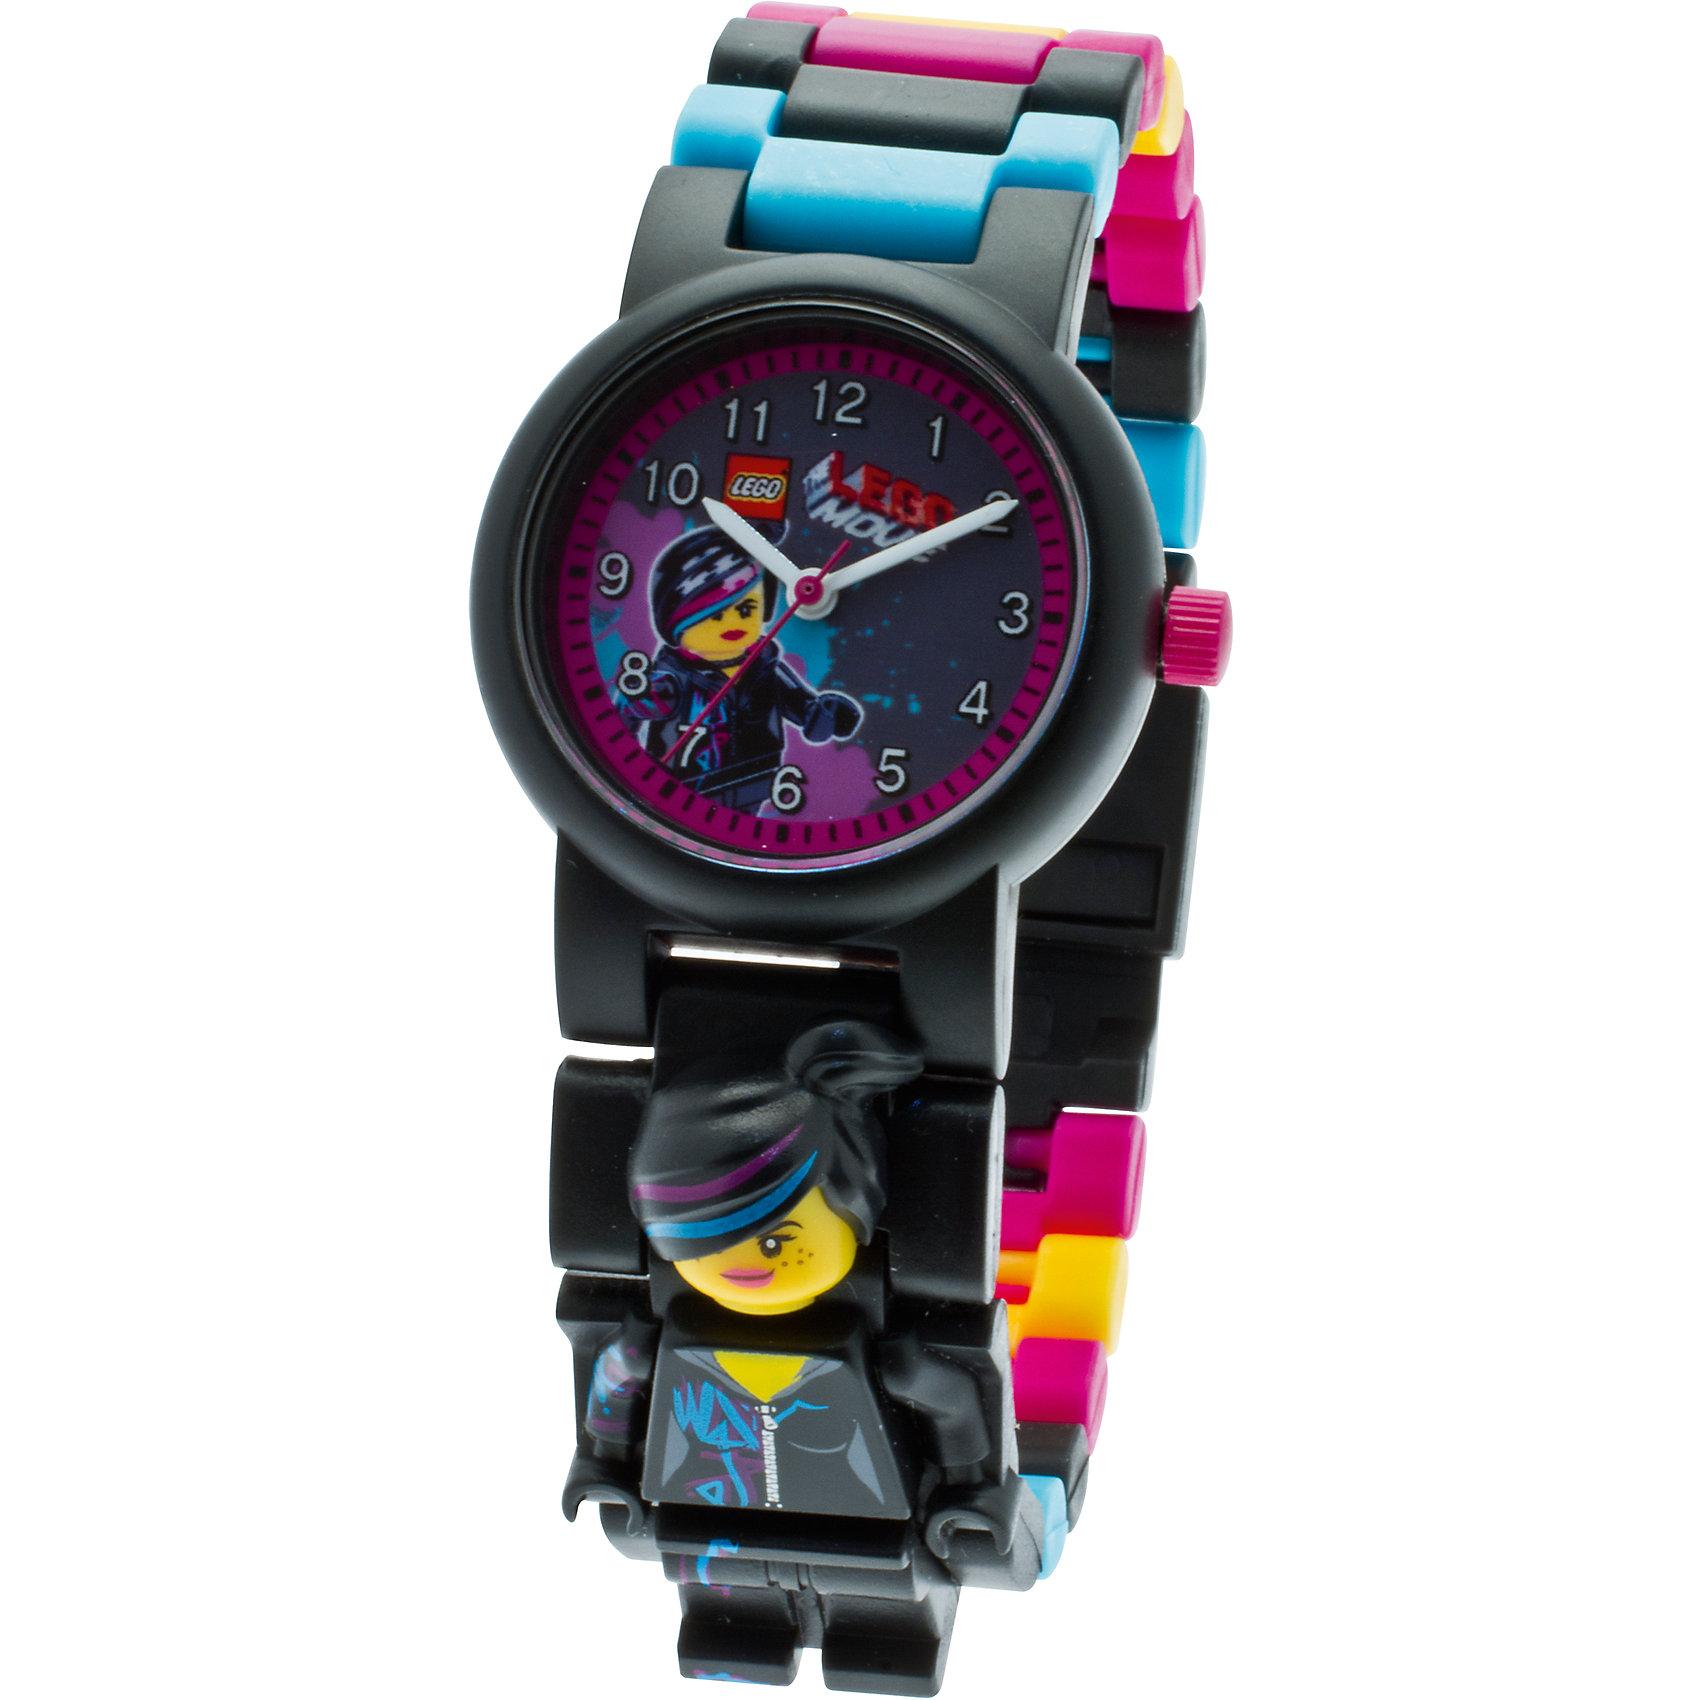 Часы наручные с минифигурой Lucy, LEGO MovieLEGO Товары для фанатов<br>Часы наручные с минифигурой Lucy, LEGO Movie (ЛЕГО Муви) - это то, чем можно удивить и заинтересовать вашу дочку.<br>Наручные аналоговые часы LEGO имеют высококачественный японский кварцевый механизм и отличаются надежностью и точностью хода. Они способны выдержать статическое давление 50-метрового водяного столба (5 атмосфер). Такая водонепроницаемость позволяет работать с водой в часах. Нельзя использовать для ныряния, прыжков в воду, виндсерфинга и т.п. <br>Линза часов имеет высокую устойчивость к царапинам, поэтому их может носить даже самый неугомонный и неаккуратный мальчишка. Пластиковые браслеты имеют прочный механизм сцепления, а сменные секции позволяют удлинить или укоротить браслет. Часы дополнены фигуркой Люси – подружкой Эммета, главного героя мультфильма LEGO Movie. В составе часов не содержится никеля и ПВХ. Фирменные наручные часы от компании LEGO станут замечательным подарком любому любителю и фанату конструкторов.<br><br>Дополнительная информация:<br><br>- В комплект входит: часы, сменный ремешок, съемная минифигура, инструкция<br>- Диаметр циферблата наручных часов: 2,5 см.<br>- Длина ремешка наручных часов (с учетом корпуса): 21 см.<br>- Ширина ремешка: 2 см.<br>- Количество деталей: 24<br>- Материал: пластик, металл, стекло<br>- Размер упаковки: 8,0 х 2,0 х 16,5 см.<br>- Вес: 0,05 кг.<br>- Для работы требуется 1 батарейка SR626SW, входит в комплект<br>- Изготовитель: Китай<br>- Рекомендуемый возраст: от 6 лет<br><br>Часы наручные с минифигурой Lucy, LEGO Movie (ЛЕГО Муви) можно купить в нашем интернет-магазине.<br><br>Ширина мм: 80<br>Глубина мм: 165<br>Высота мм: 20<br>Вес г: 100<br>Возраст от месяцев: 36<br>Возраст до месяцев: 84<br>Пол: Женский<br>Возраст: Детский<br>SKU: 3667791